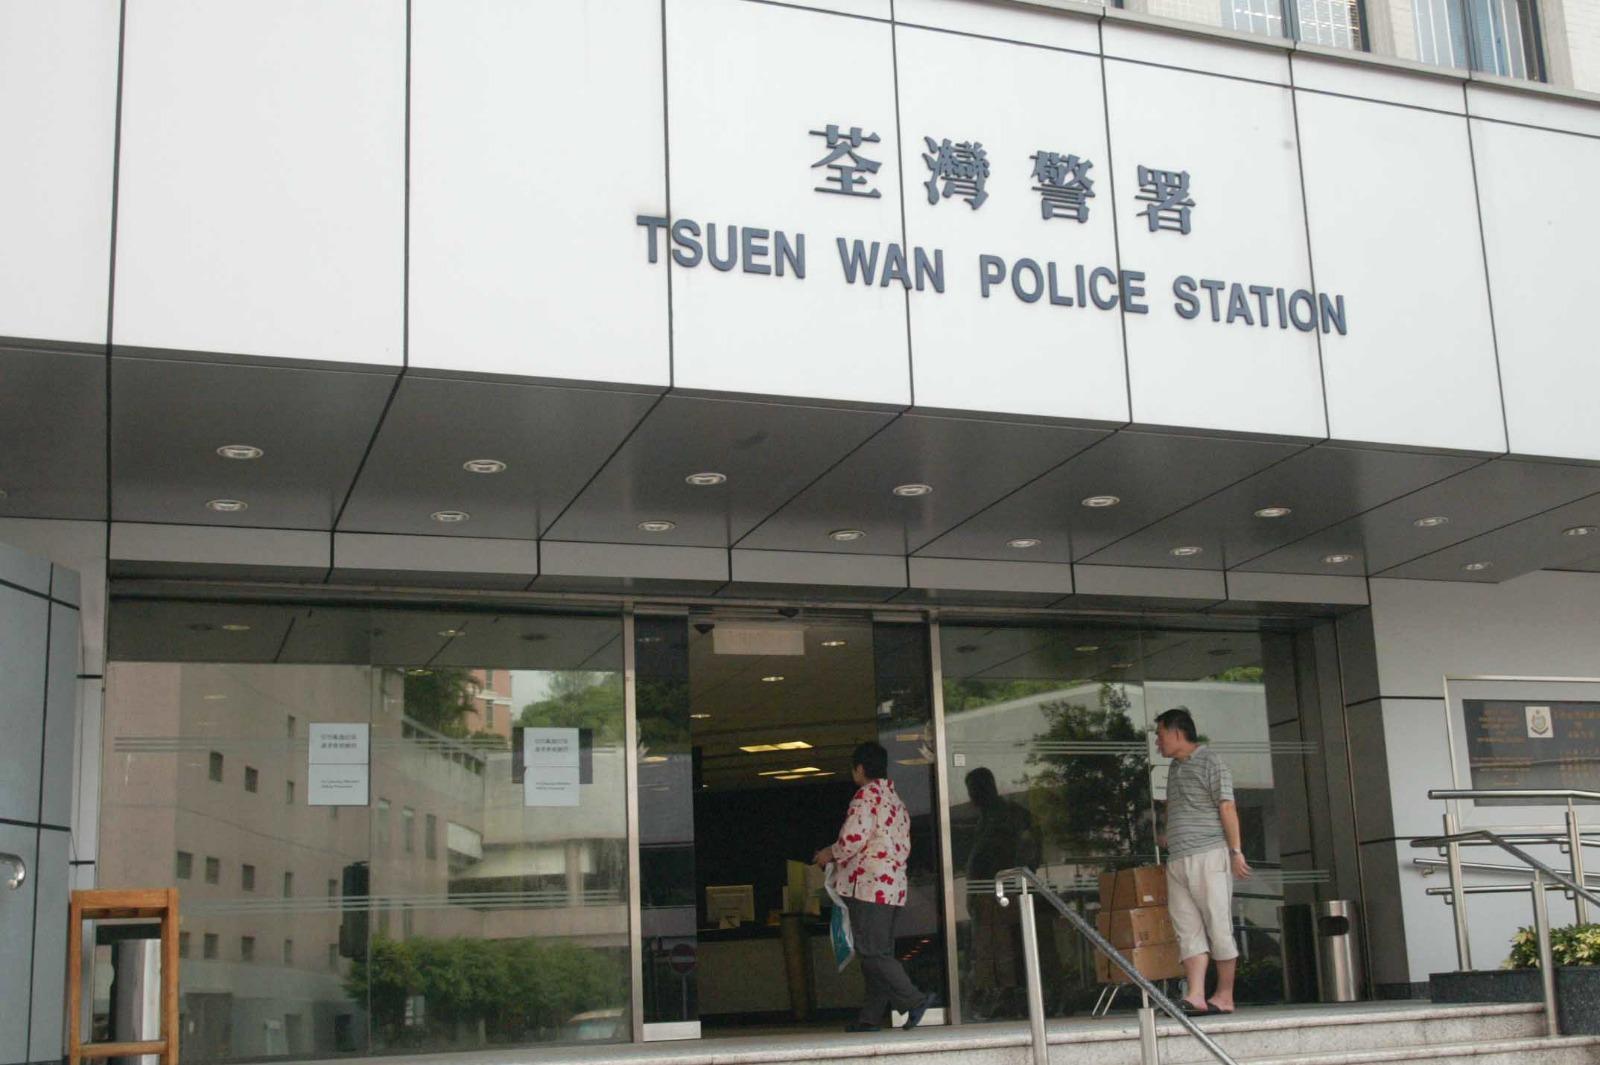 独行贼潜荃湾日式食肆爆窃 抬走藏2万元现金夹万